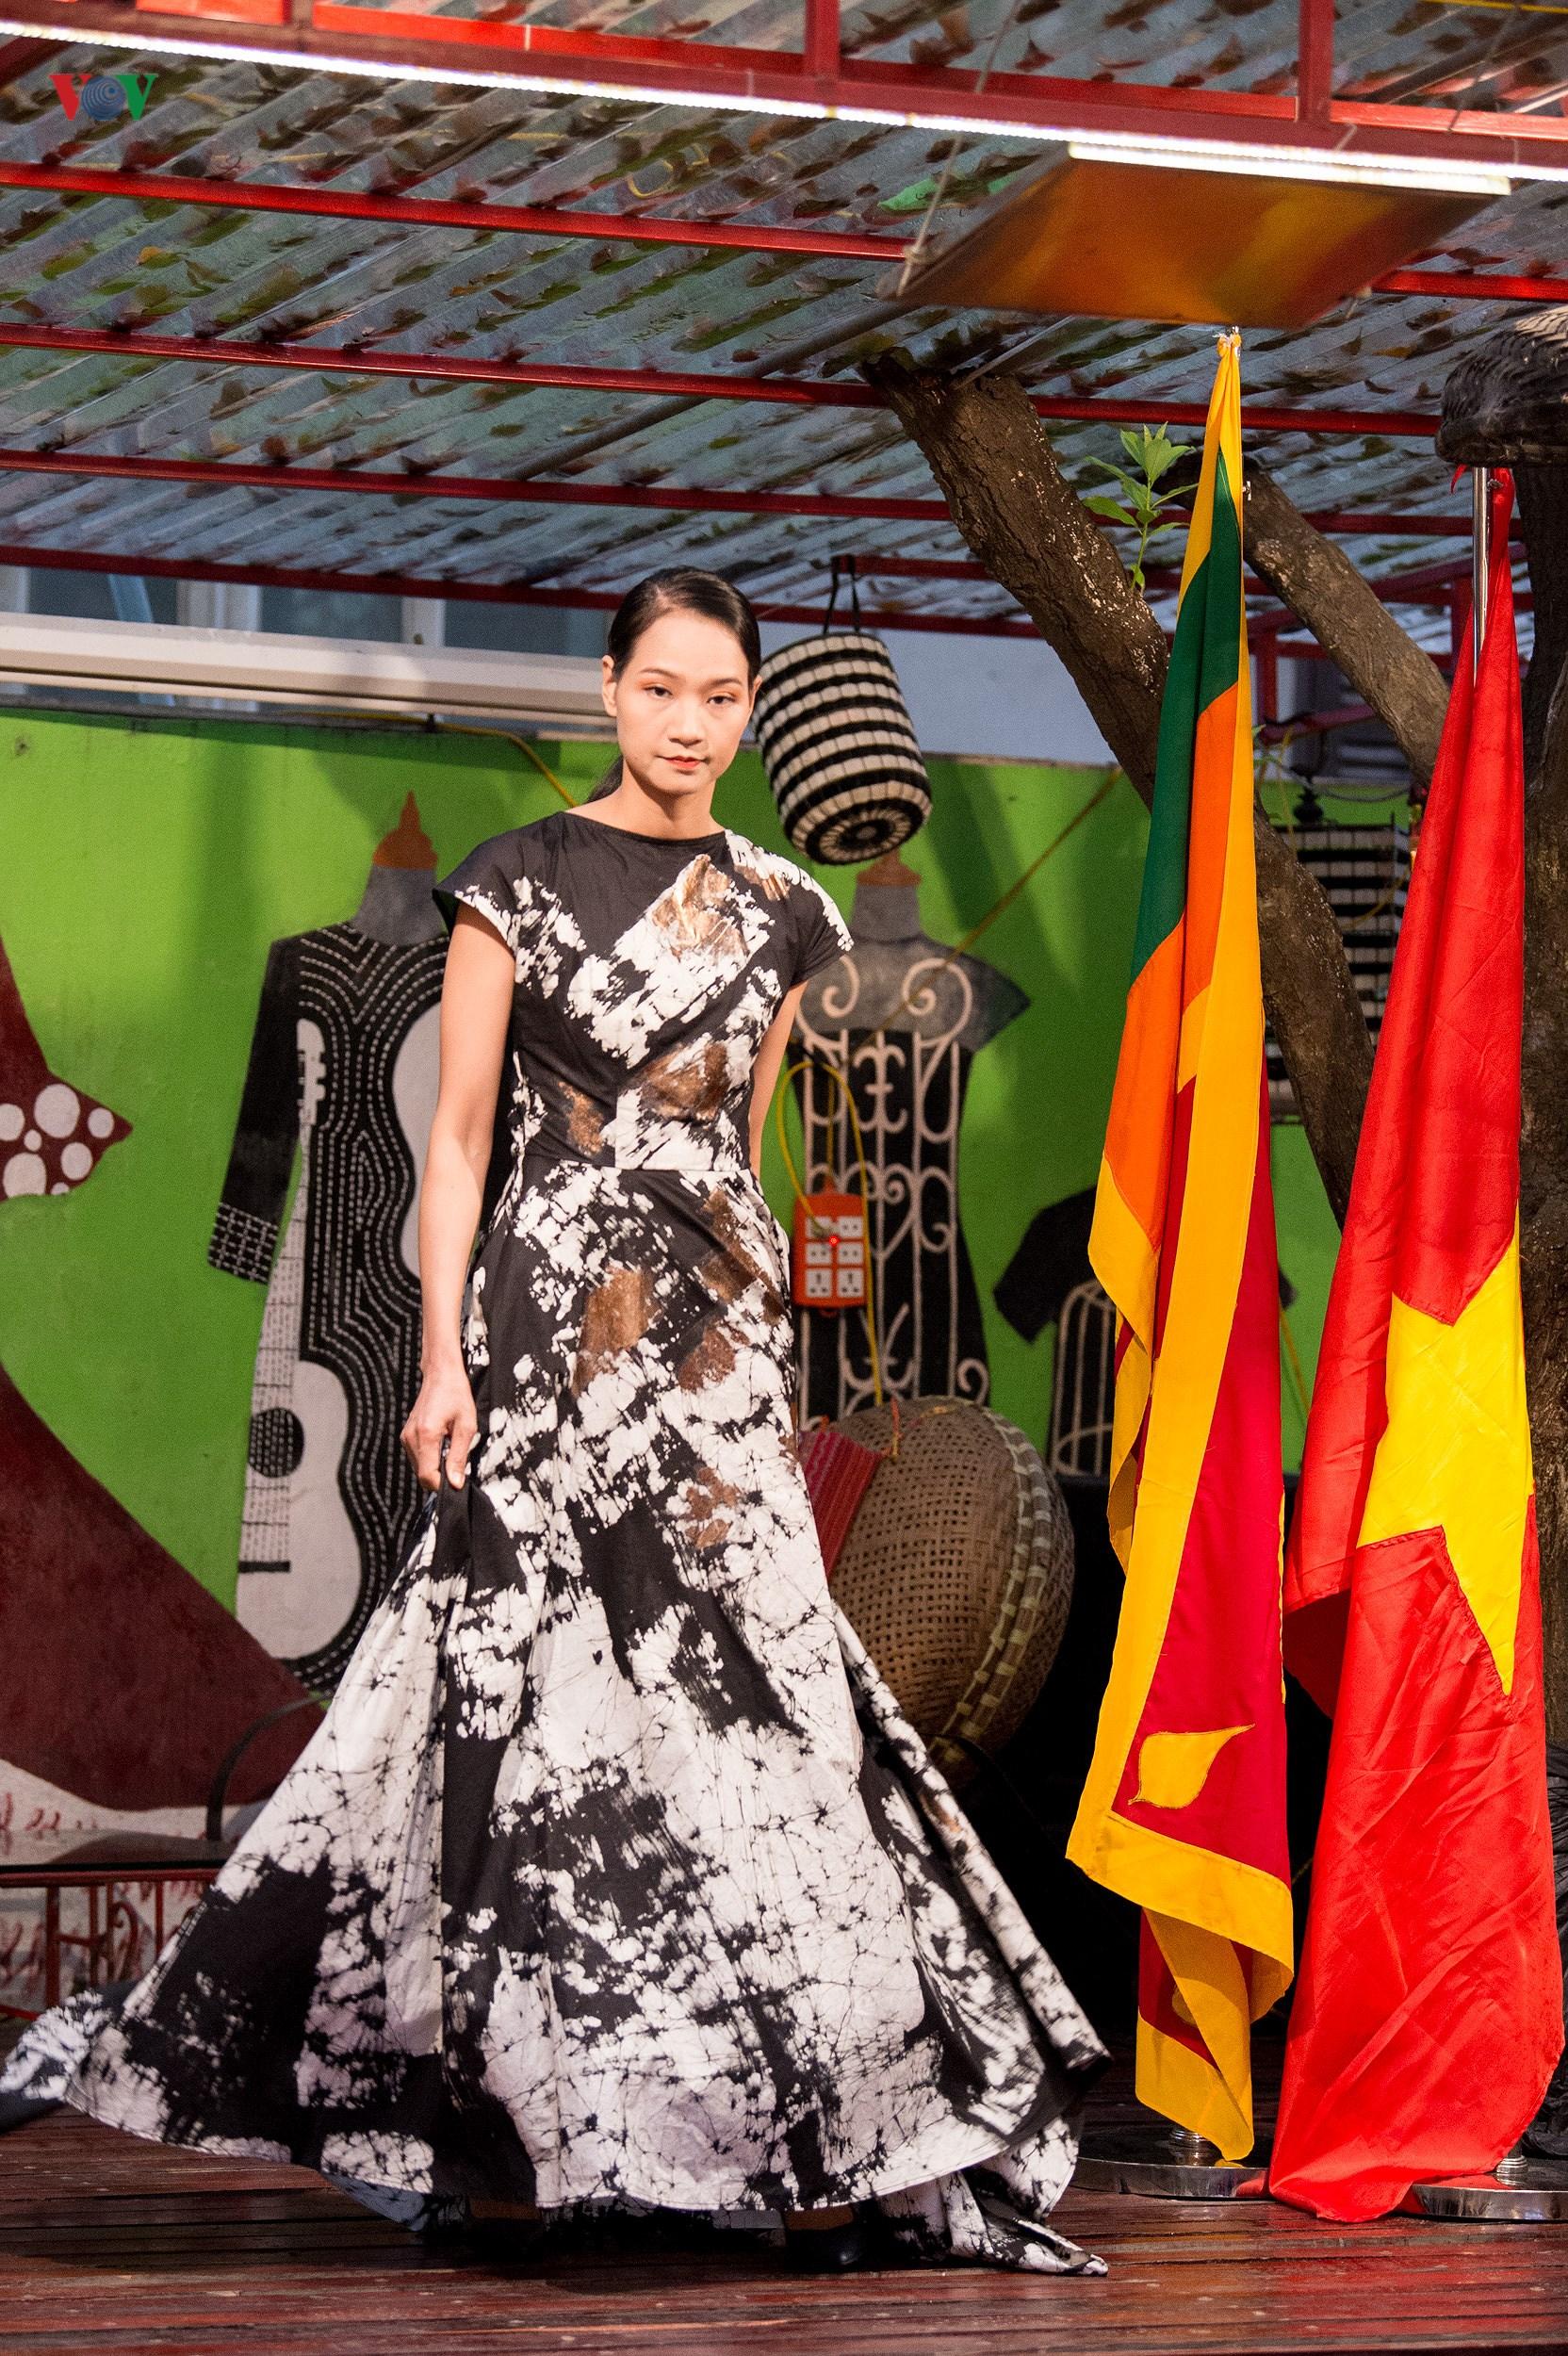 Chiêm ngưỡng bộ sưu tập thời trang đặc sắc của nhà thiết kế Sri Lanka Ảnh 6